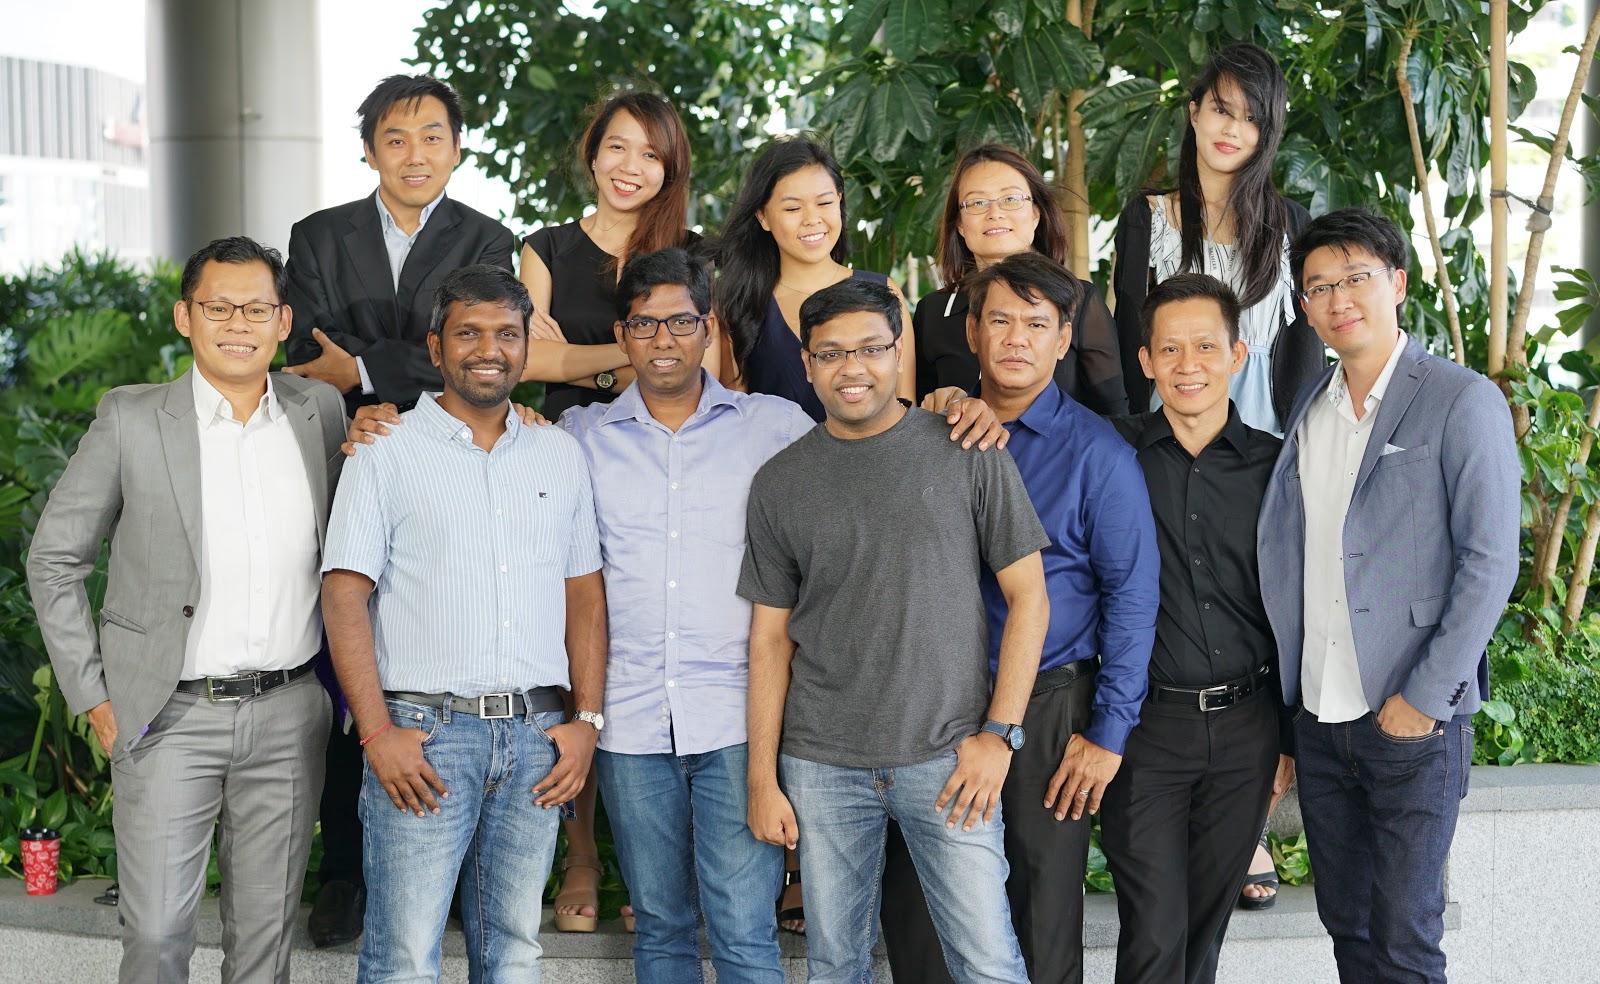 20200506-regine internship.jpg